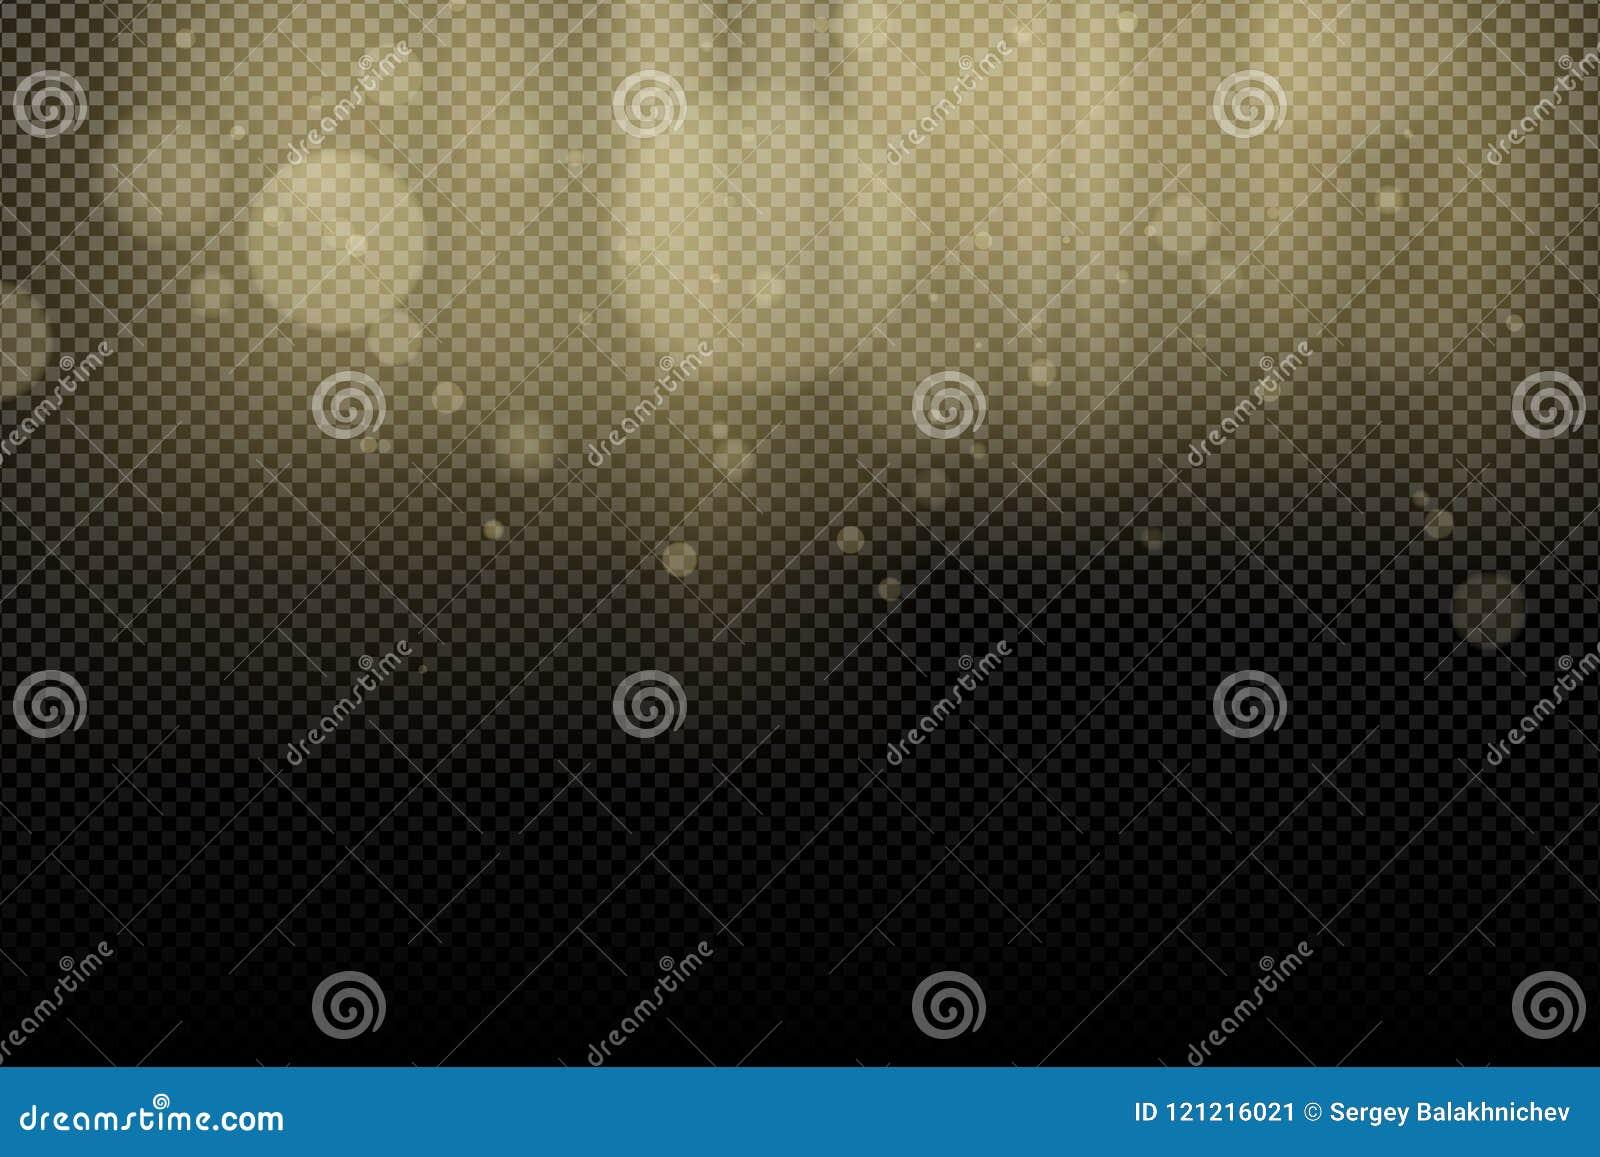 Gouden glans bokeh en stralenlicht op een transparante achtergrond Abstracte achtergrond voor uw ontwerp Lichteffect voor de foto